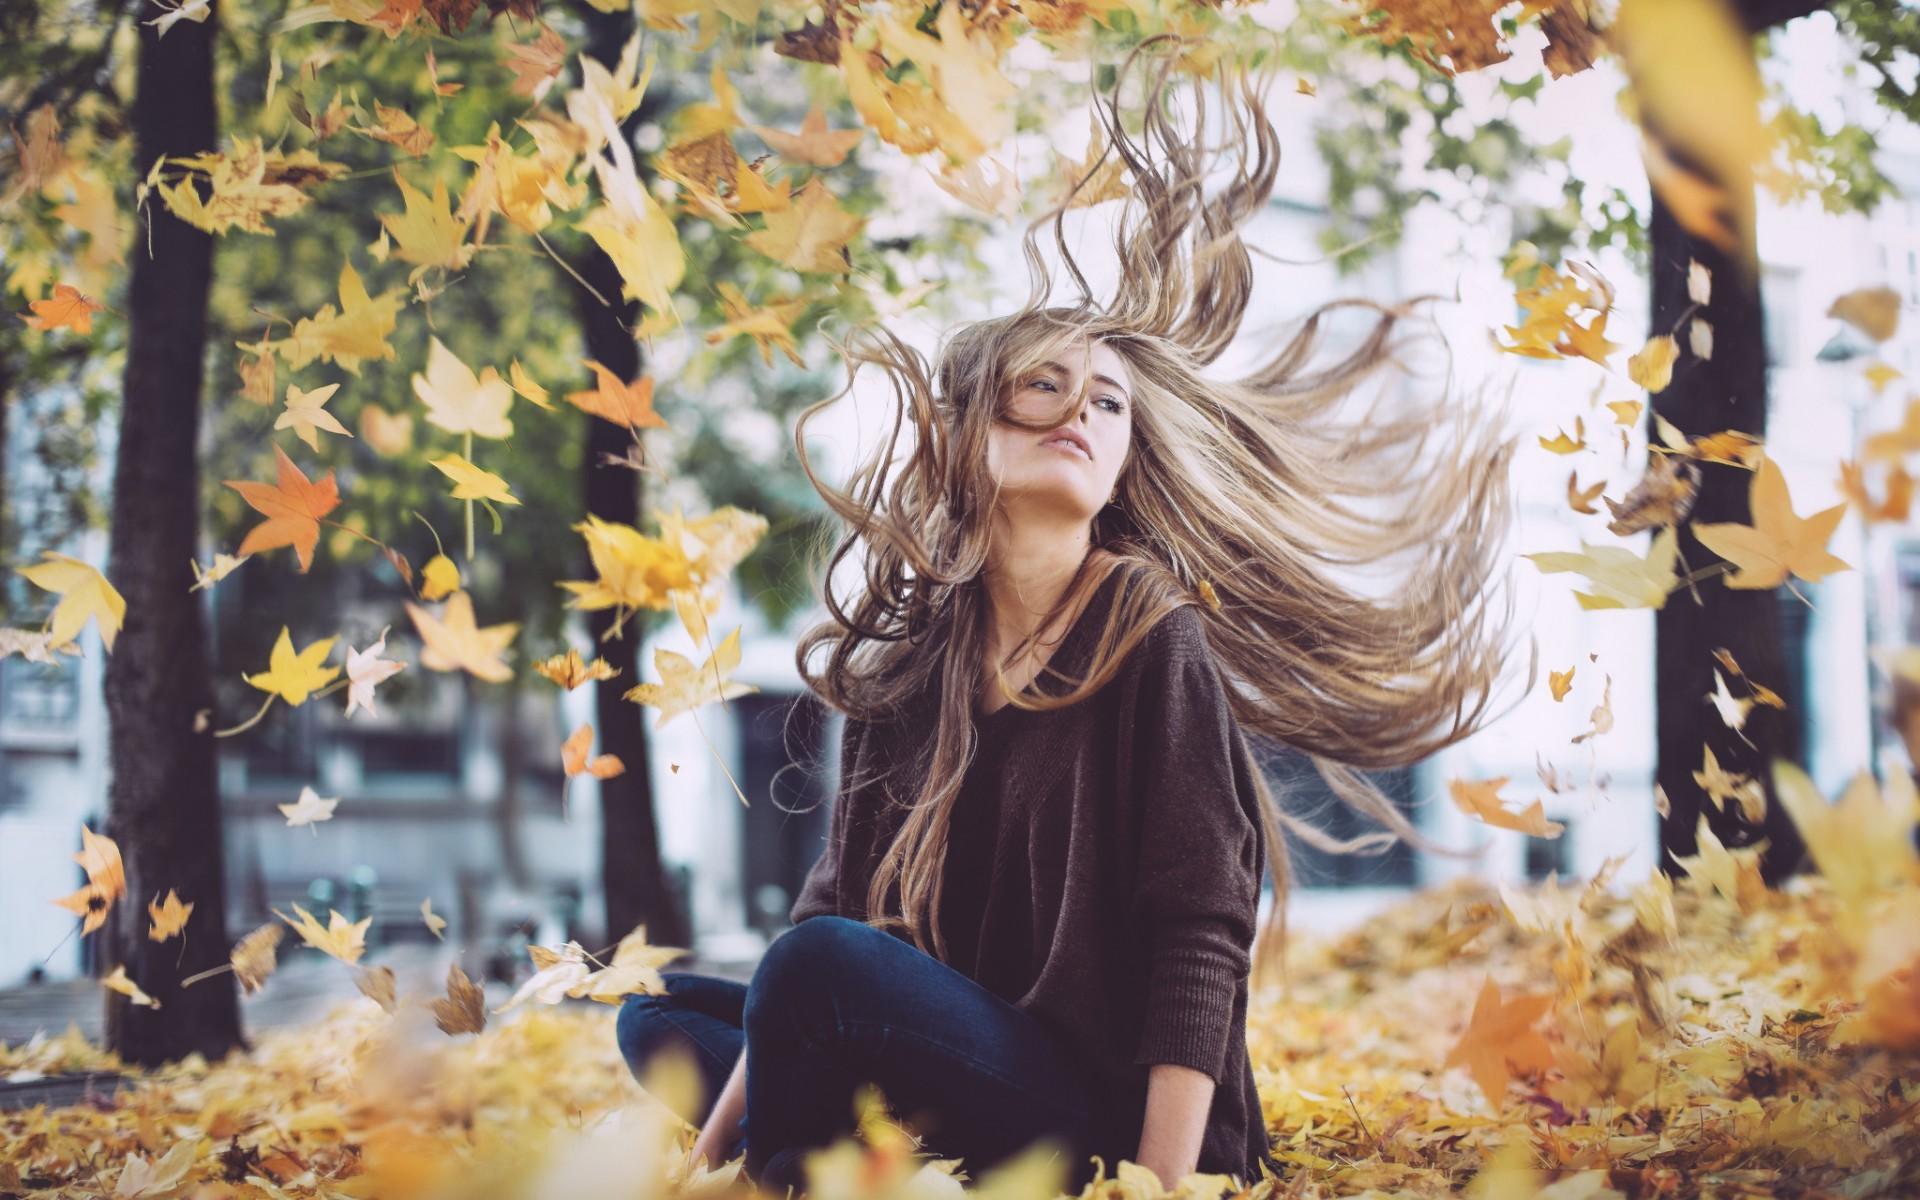 Фото девушек в колготках на яндекс 6 фотография